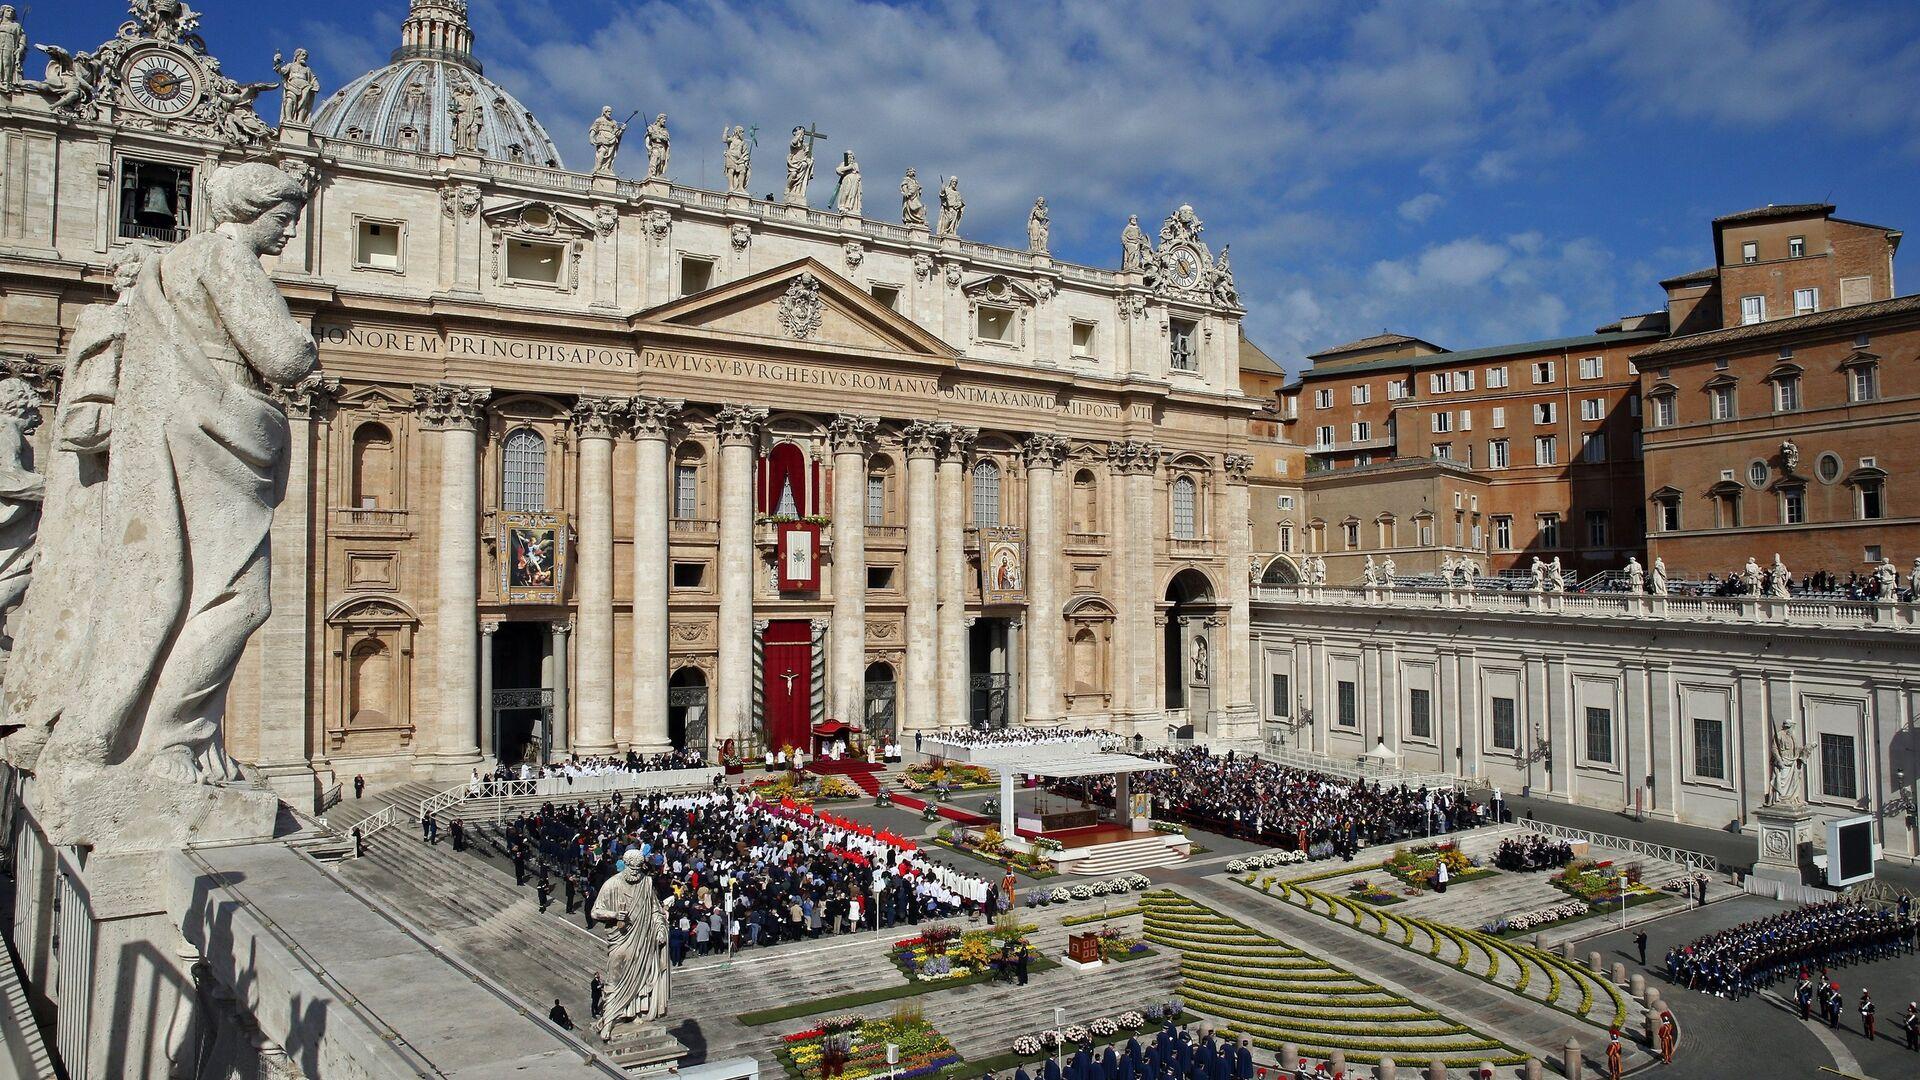 Il Papa Francesco tiene la messa di Pasqua alla Cattedrale di San Pietro in Vaticano. - Sputnik Italia, 1920, 25.06.2021